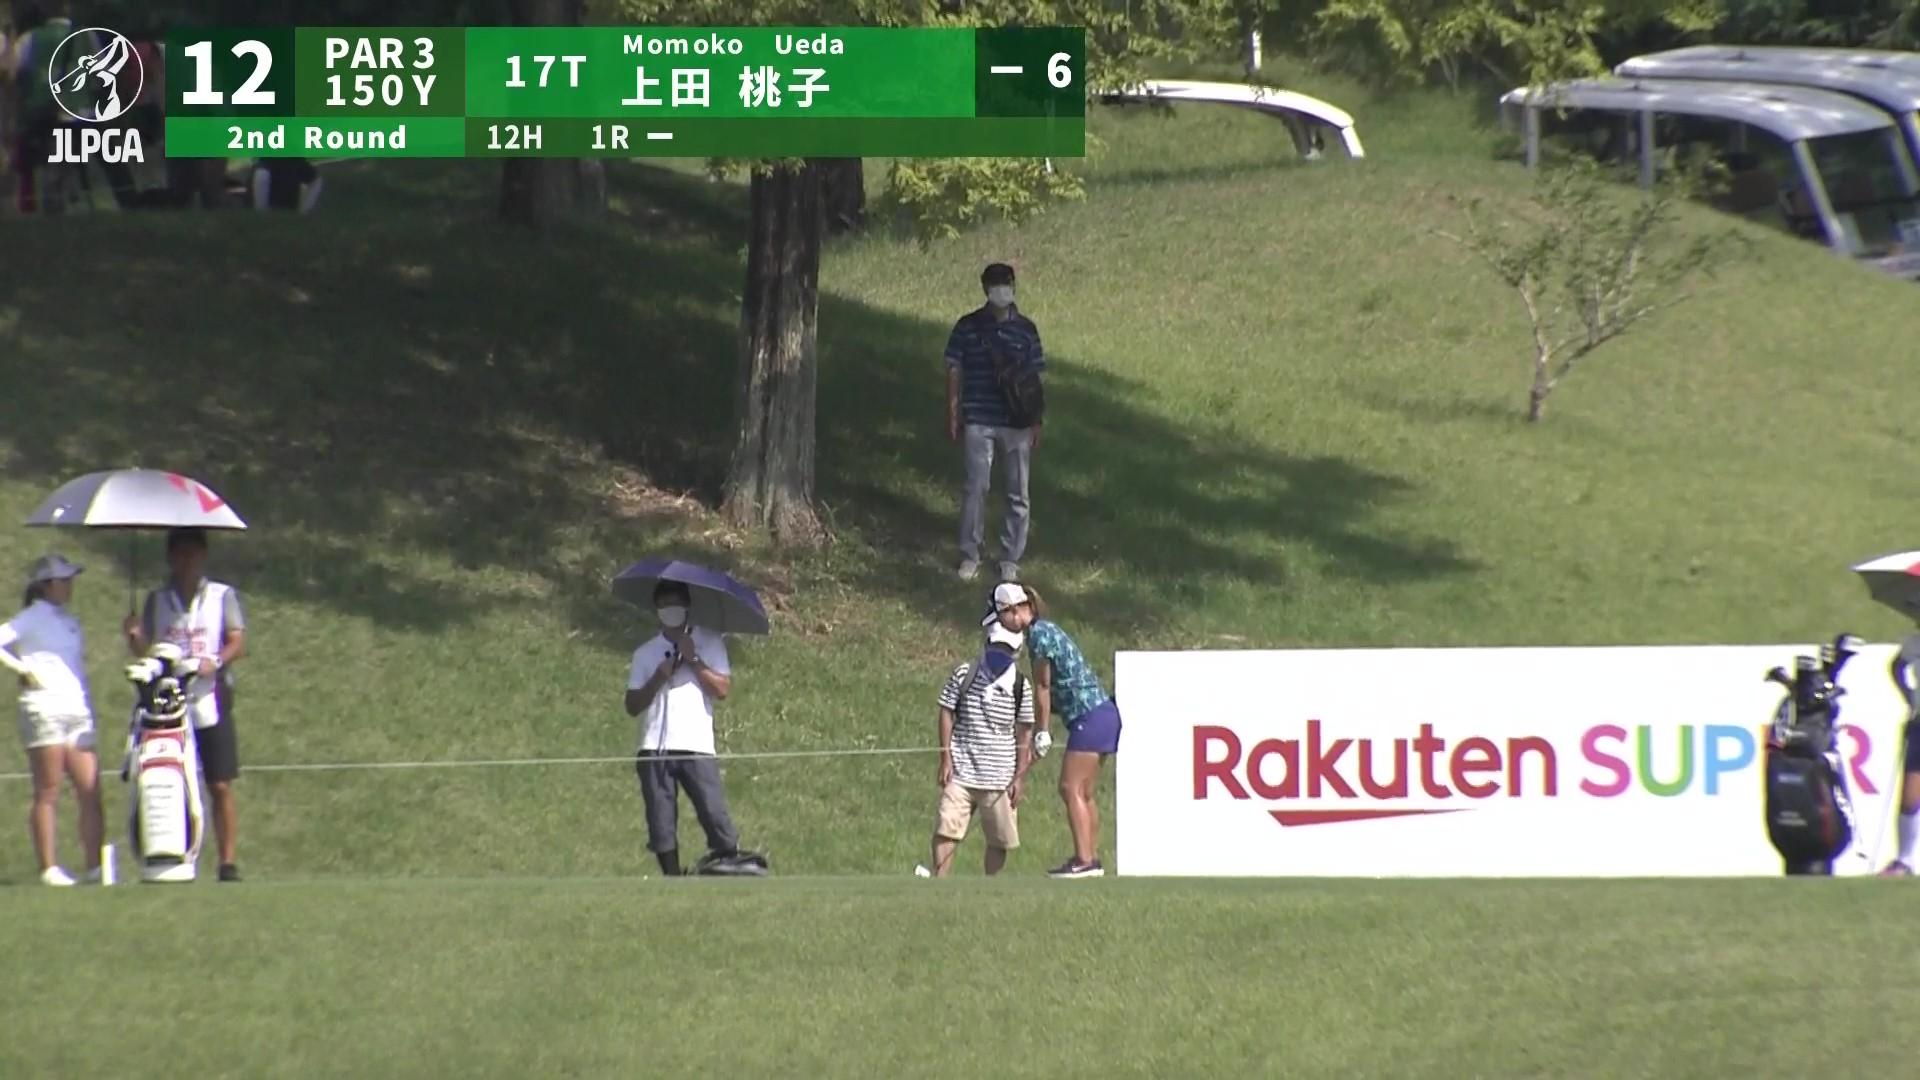 【女子ゴルフ】上田 桃子 ナイスショット続出!!! 連続バーディー!!!〈楽天スーパーレディース〉